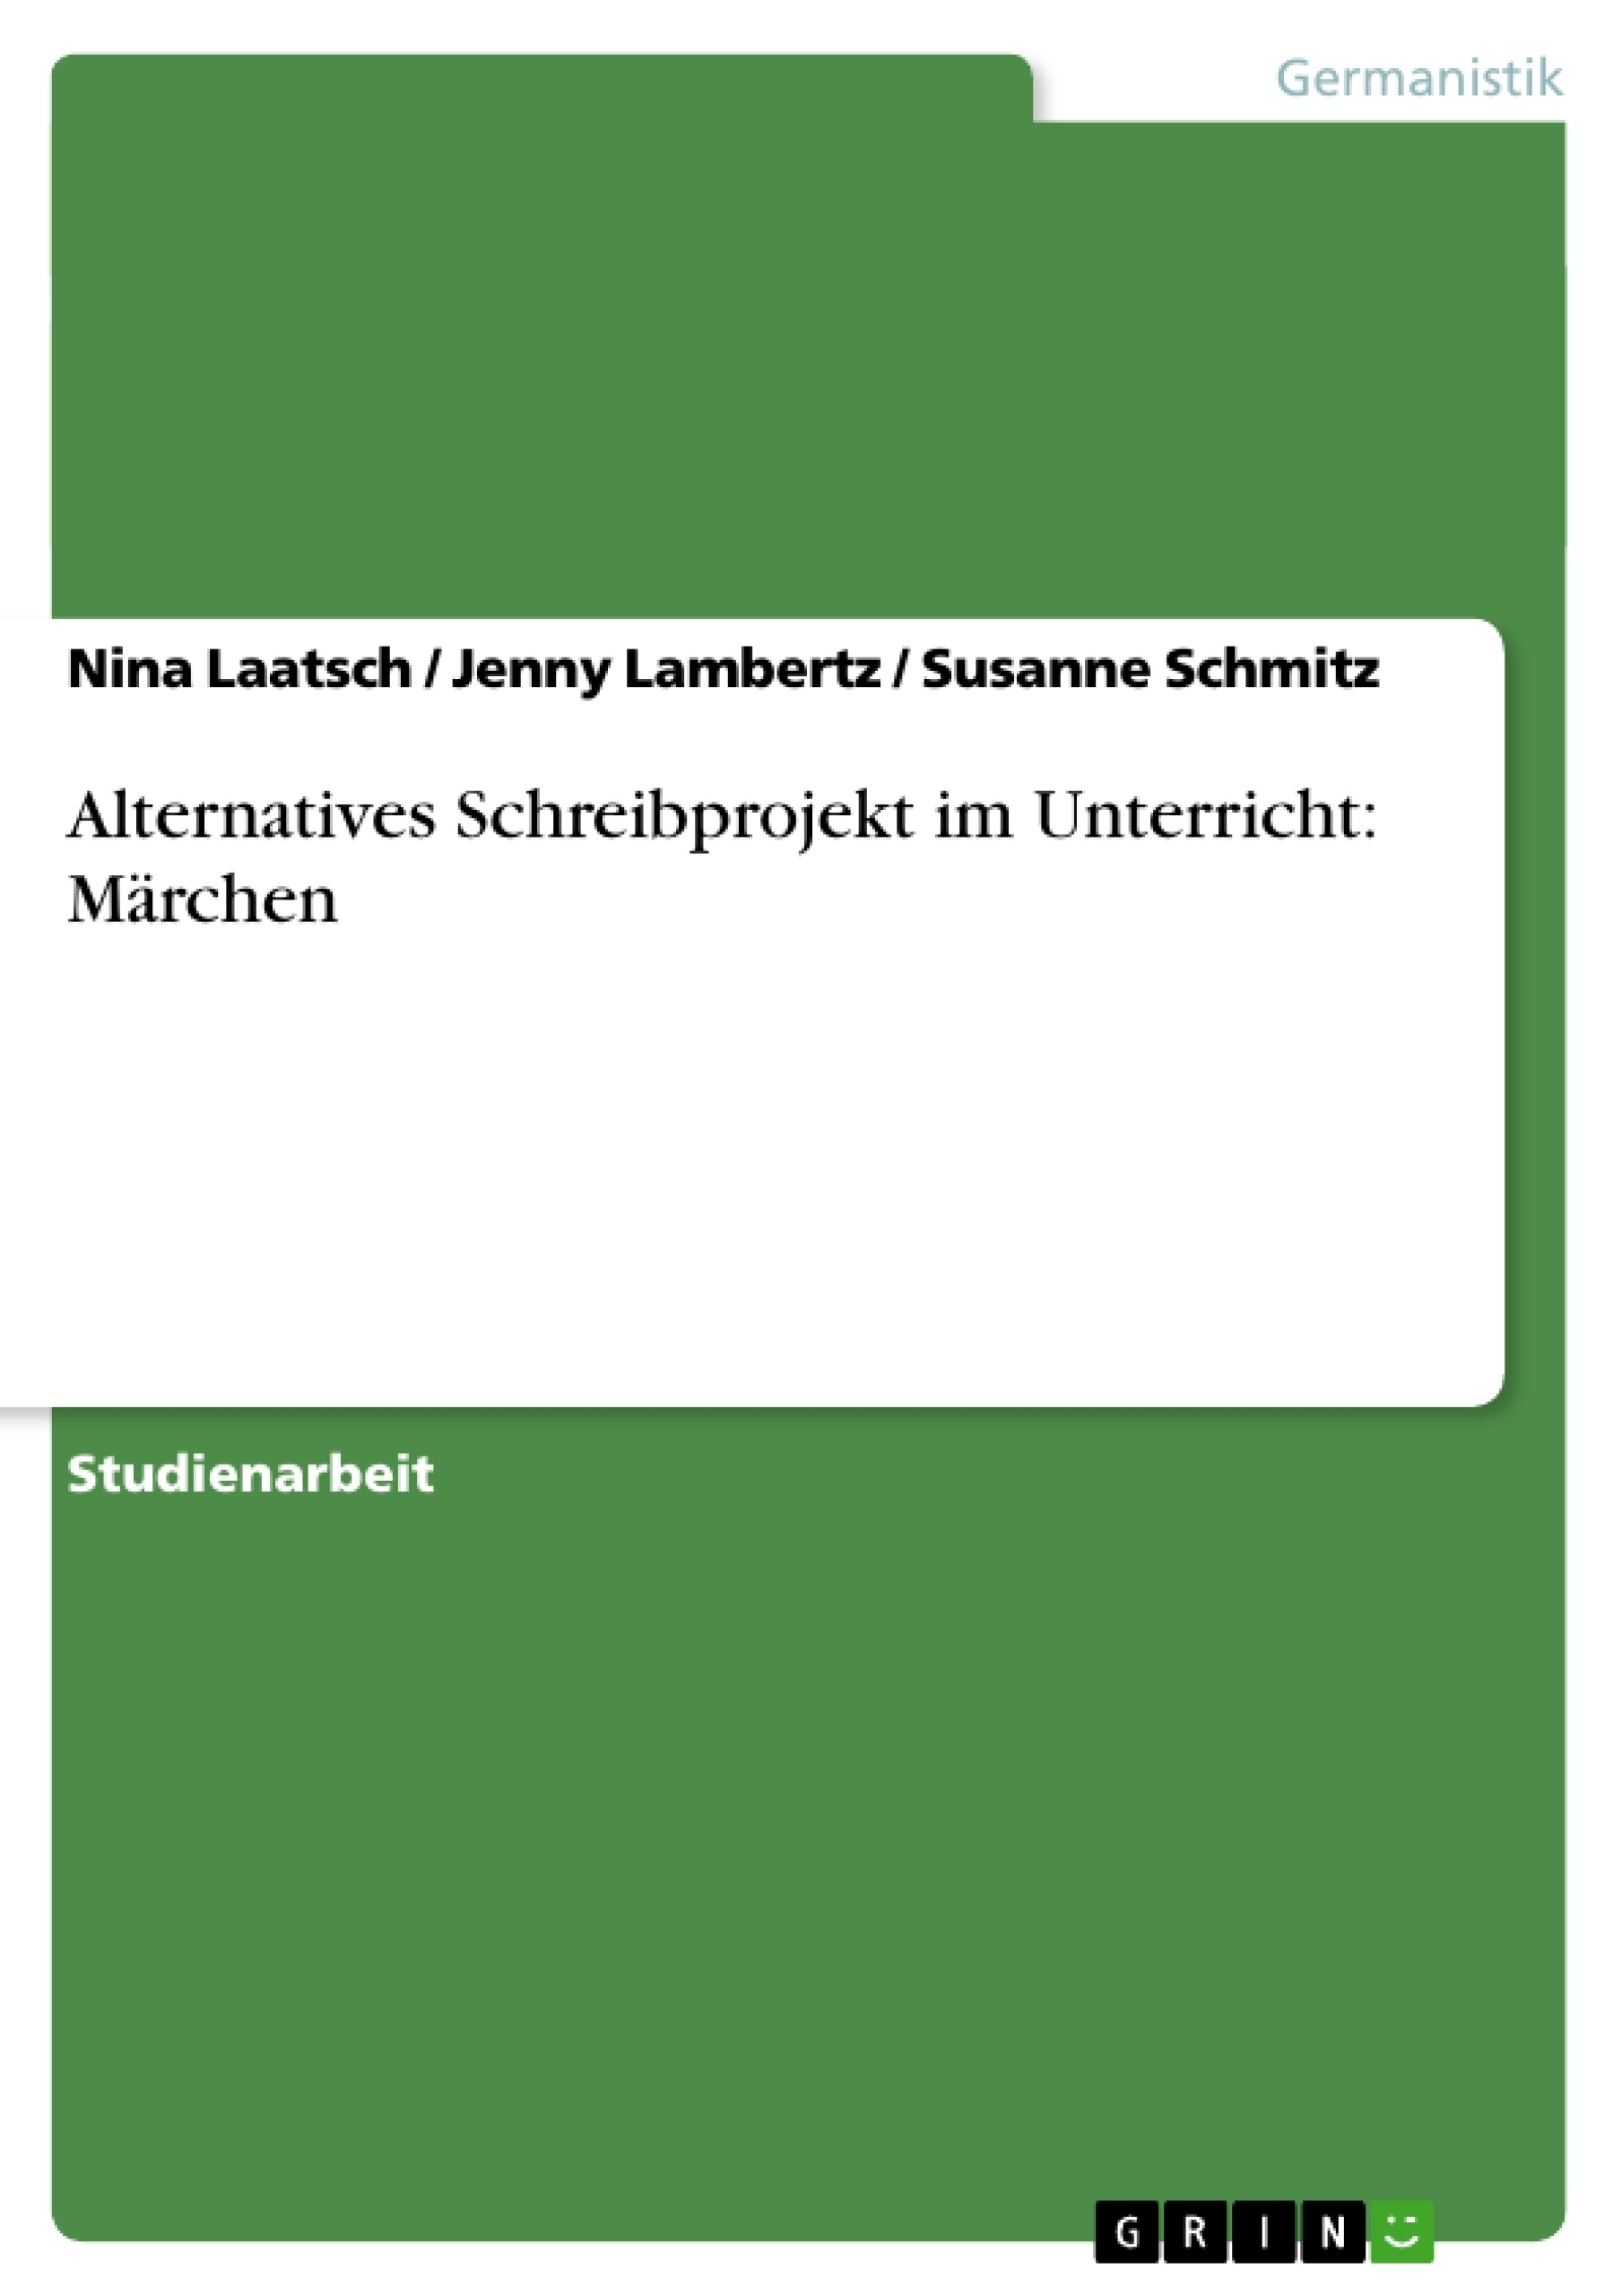 Titel: Alternatives Schreibprojekt im Unterricht: Märchen